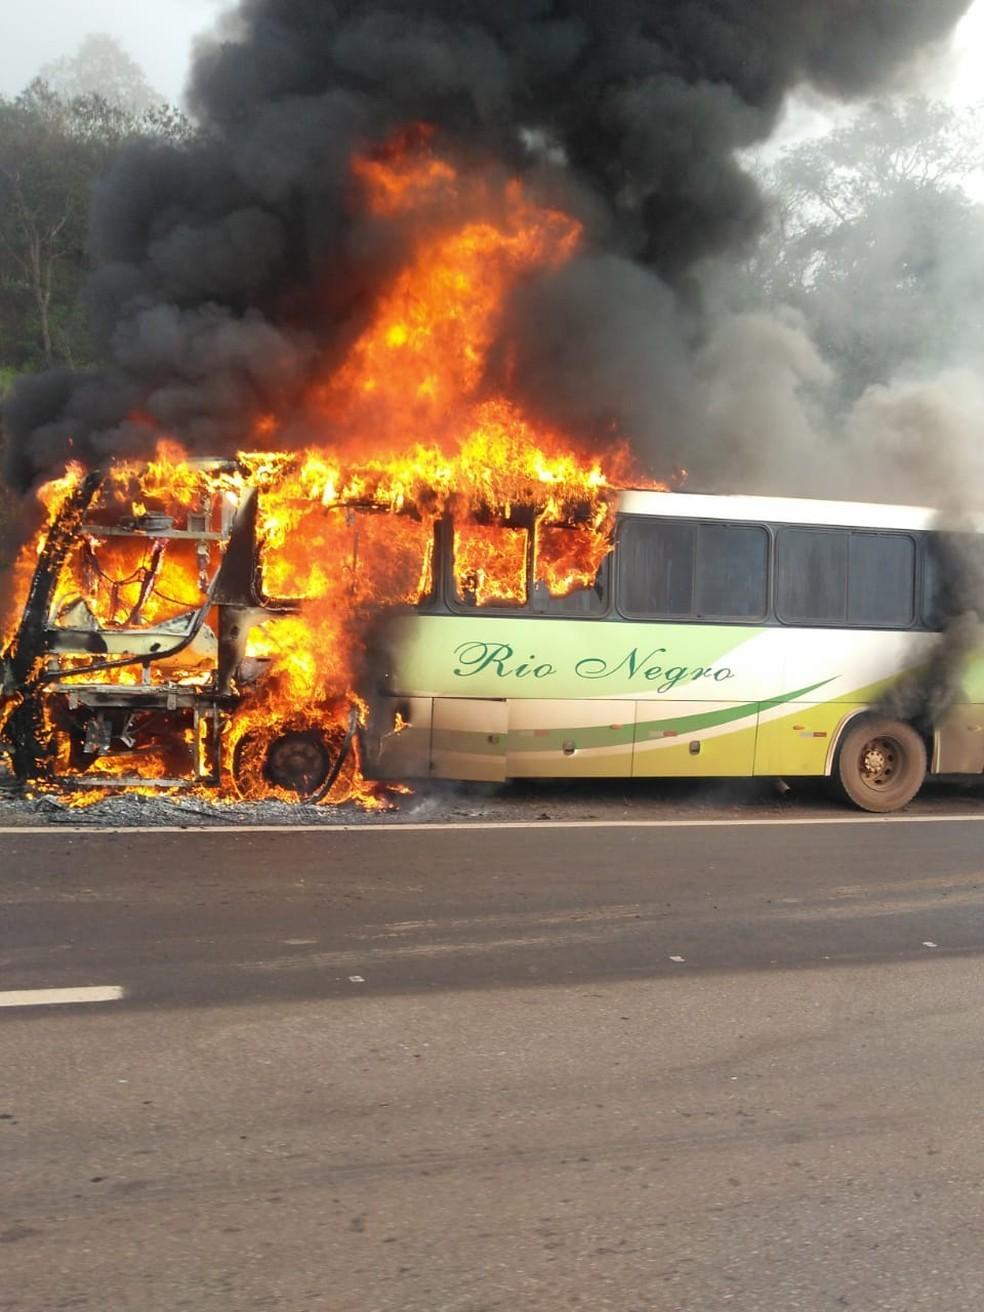 Conselheiro Lafaiete: Ônibus da Viação Rio Negro pega fogo na BR-040